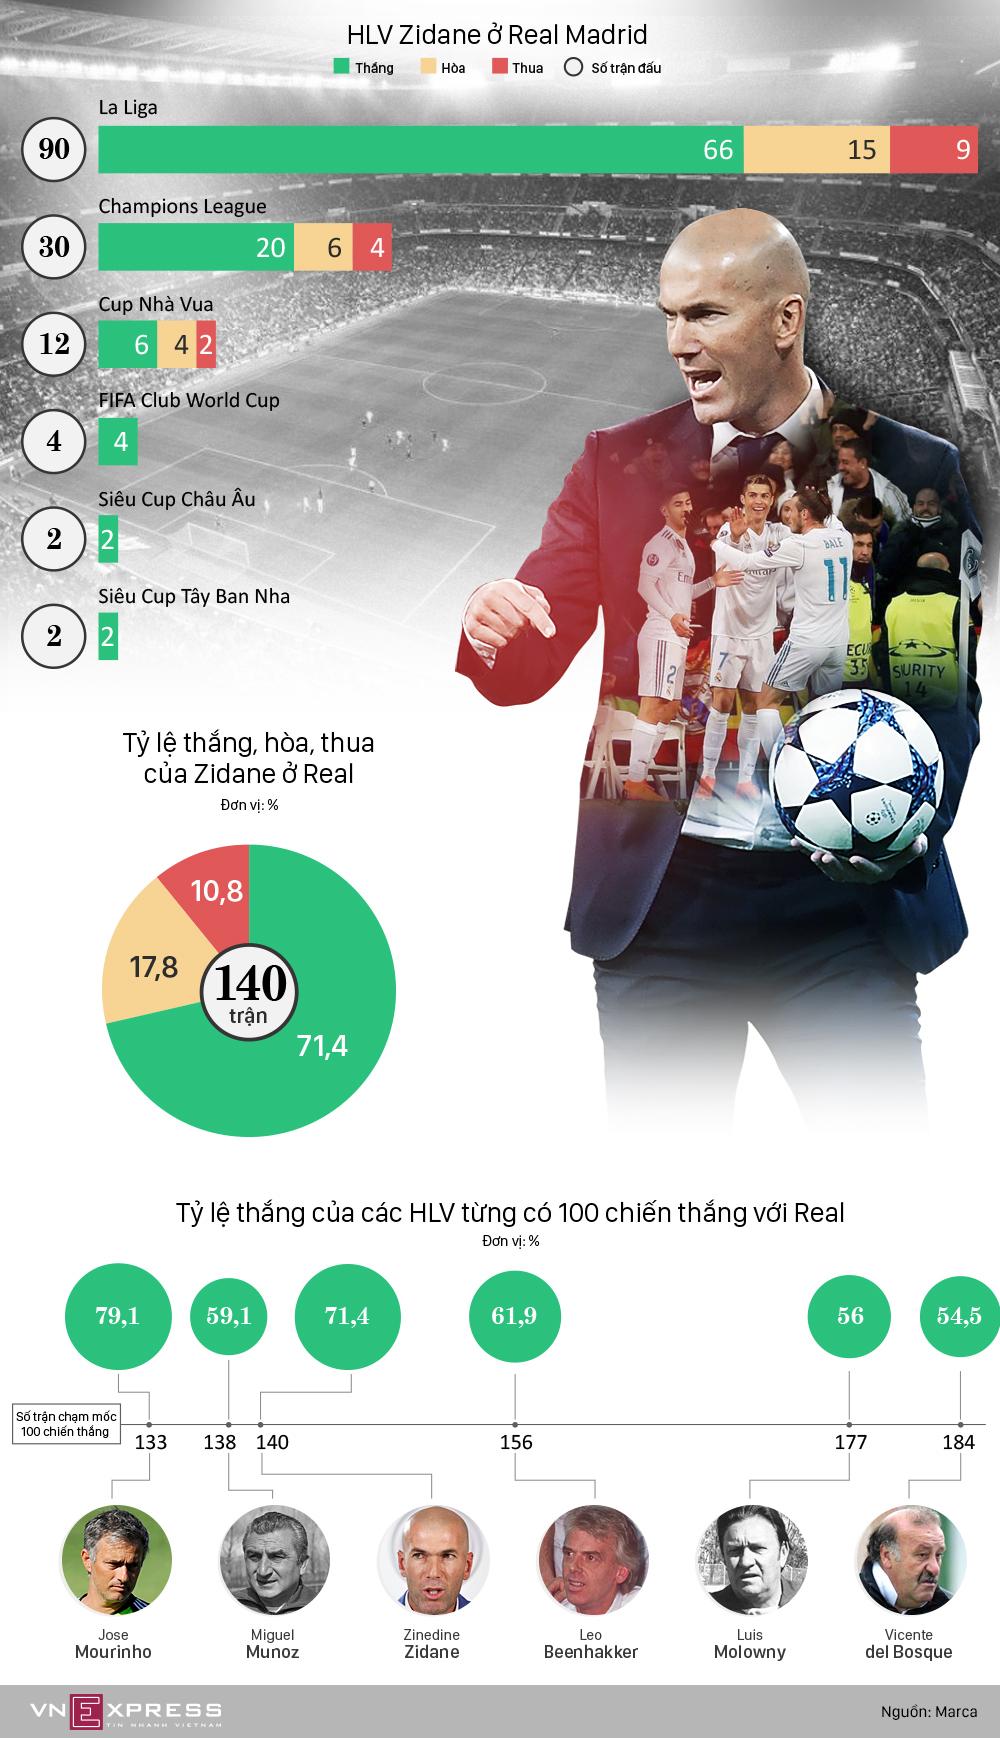 Những ấn tượng trong 100 chiến thắng của Zidane ở Real Madrid